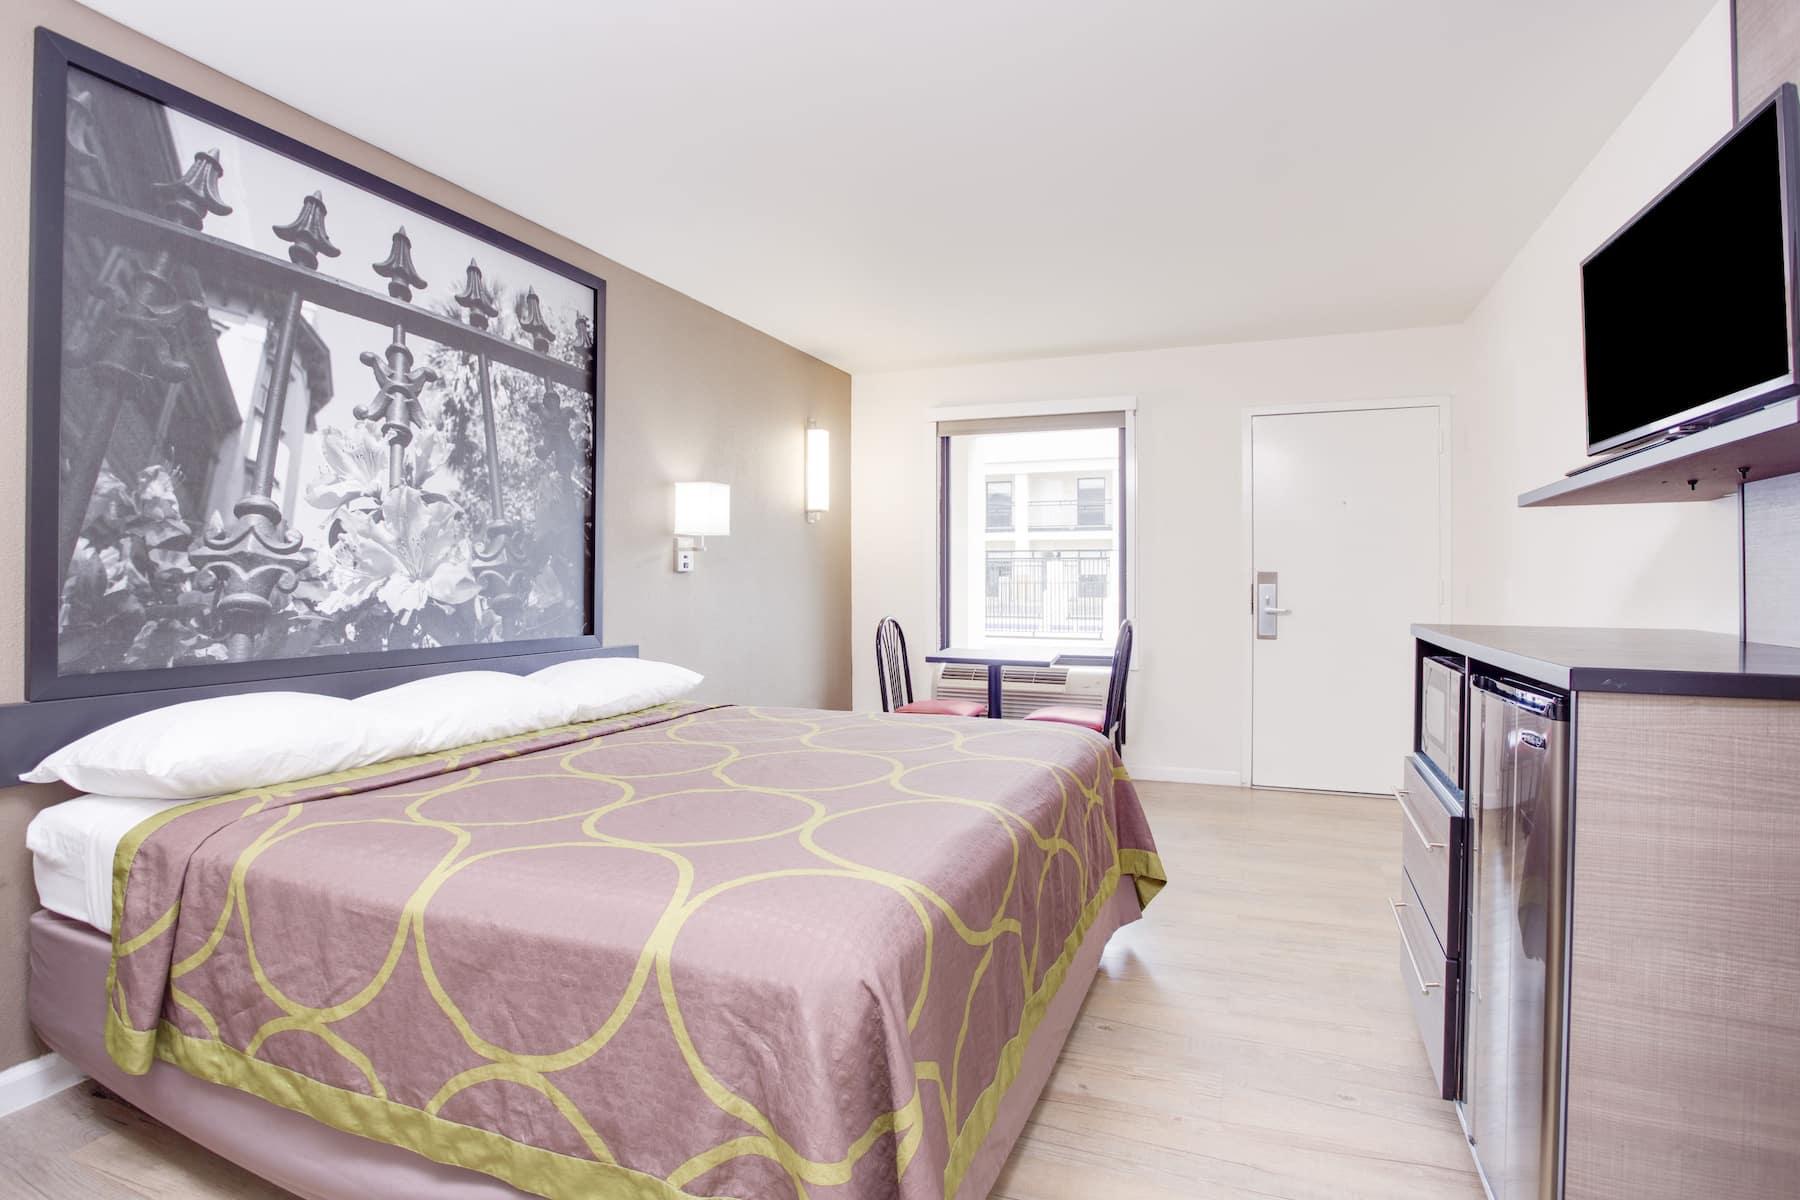 Super 8 By Wyndham Dalton Dalton Ga Hotels